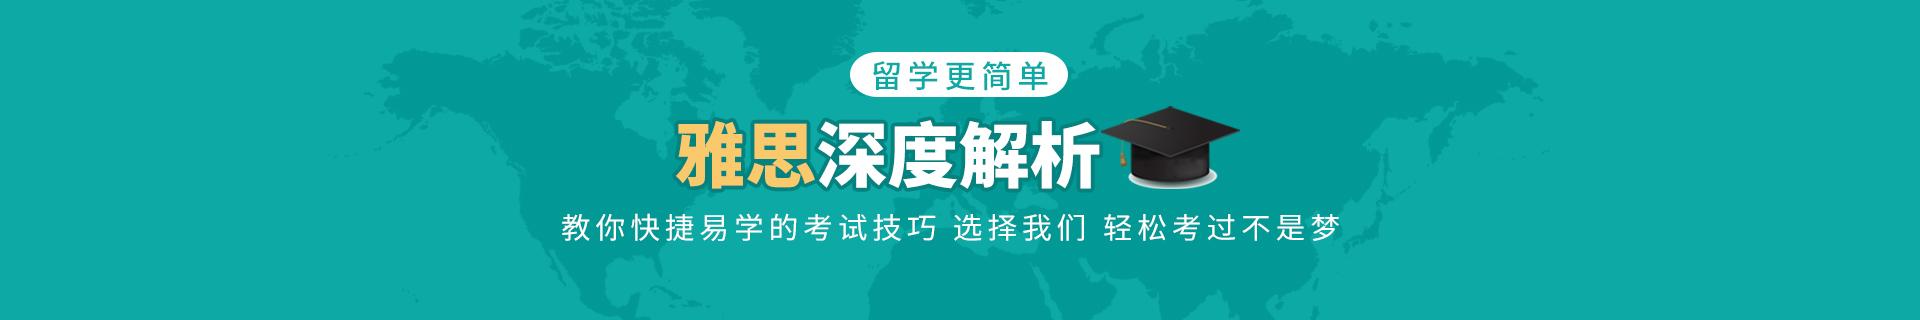 北京顺义启德考培英语培训